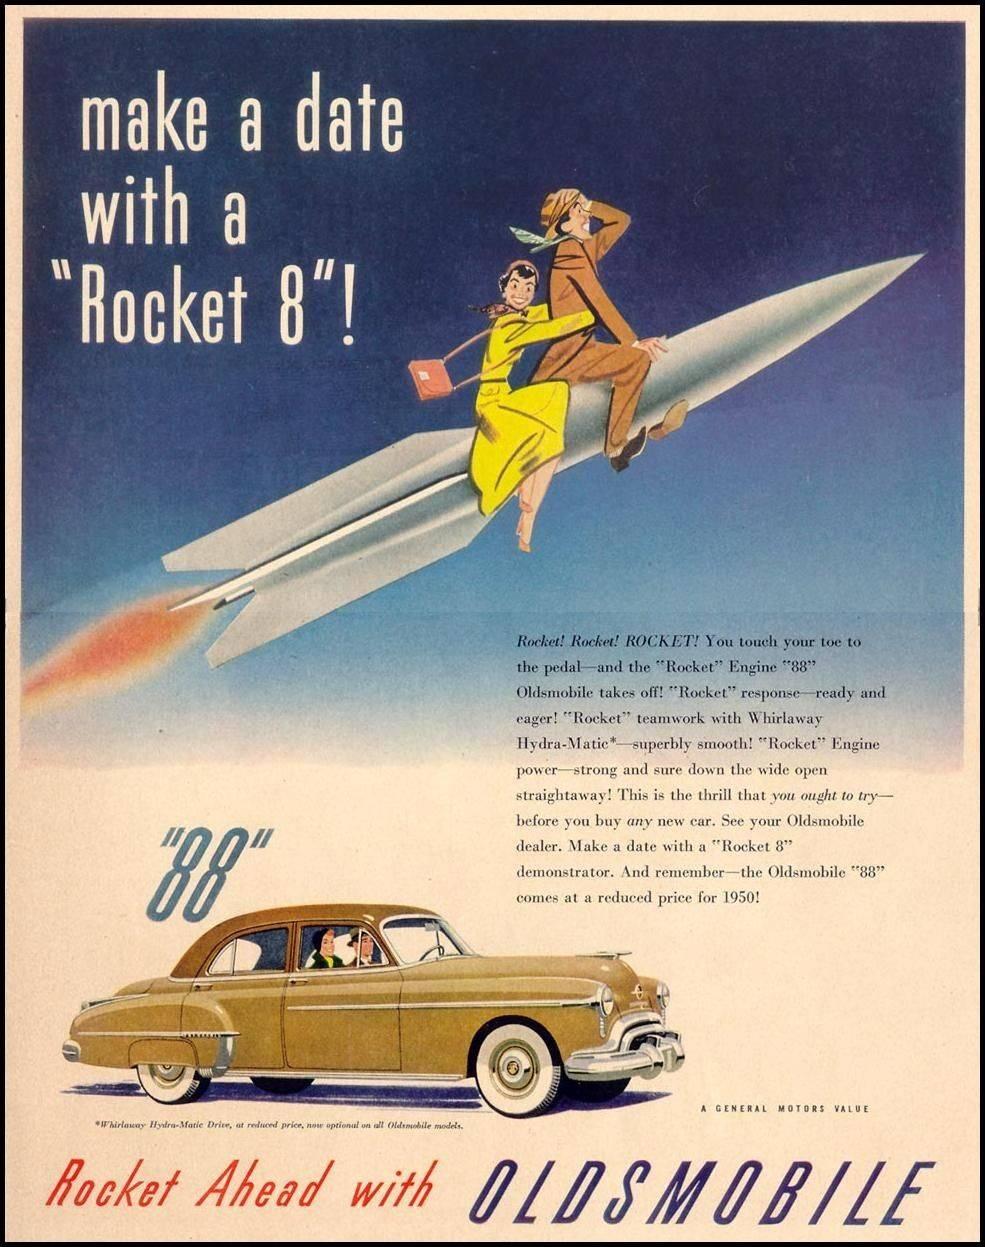 Oldsmobile Rocket 8 engine Olds 88 advertisement